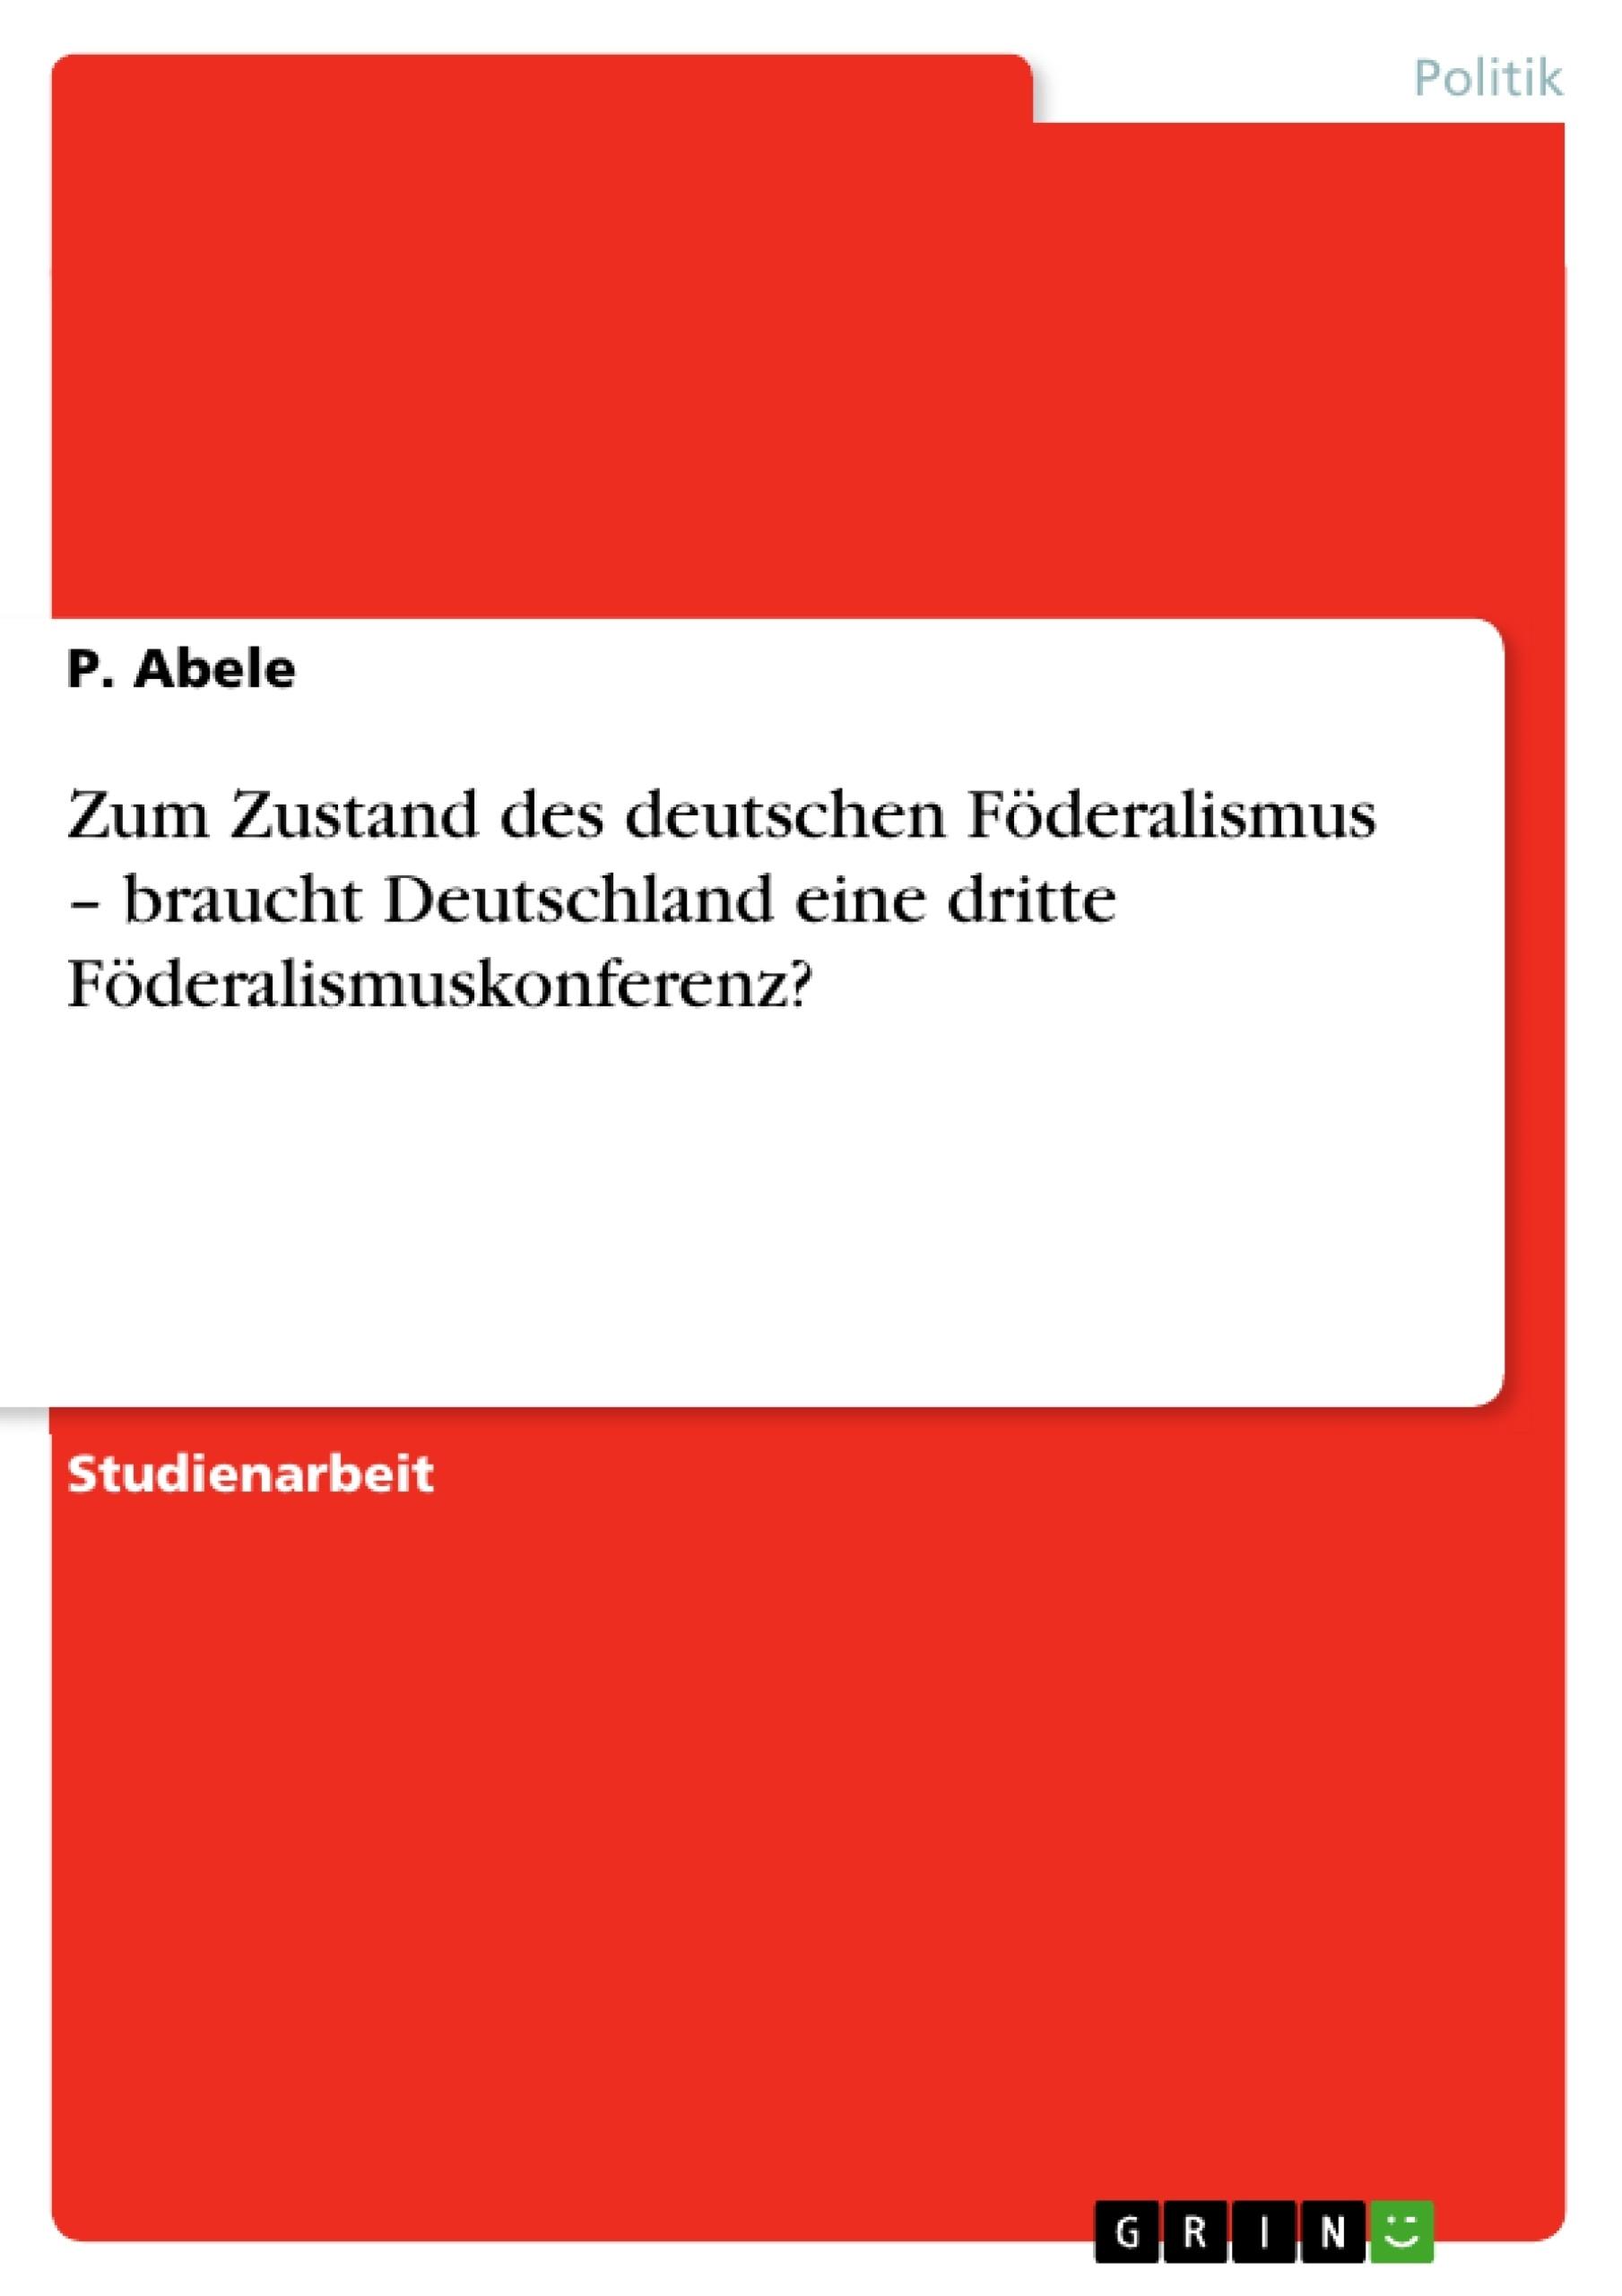 Titel: Zum Zustand des deutschen Föderalismus – braucht Deutschland eine dritte Föderalismuskonferenz?